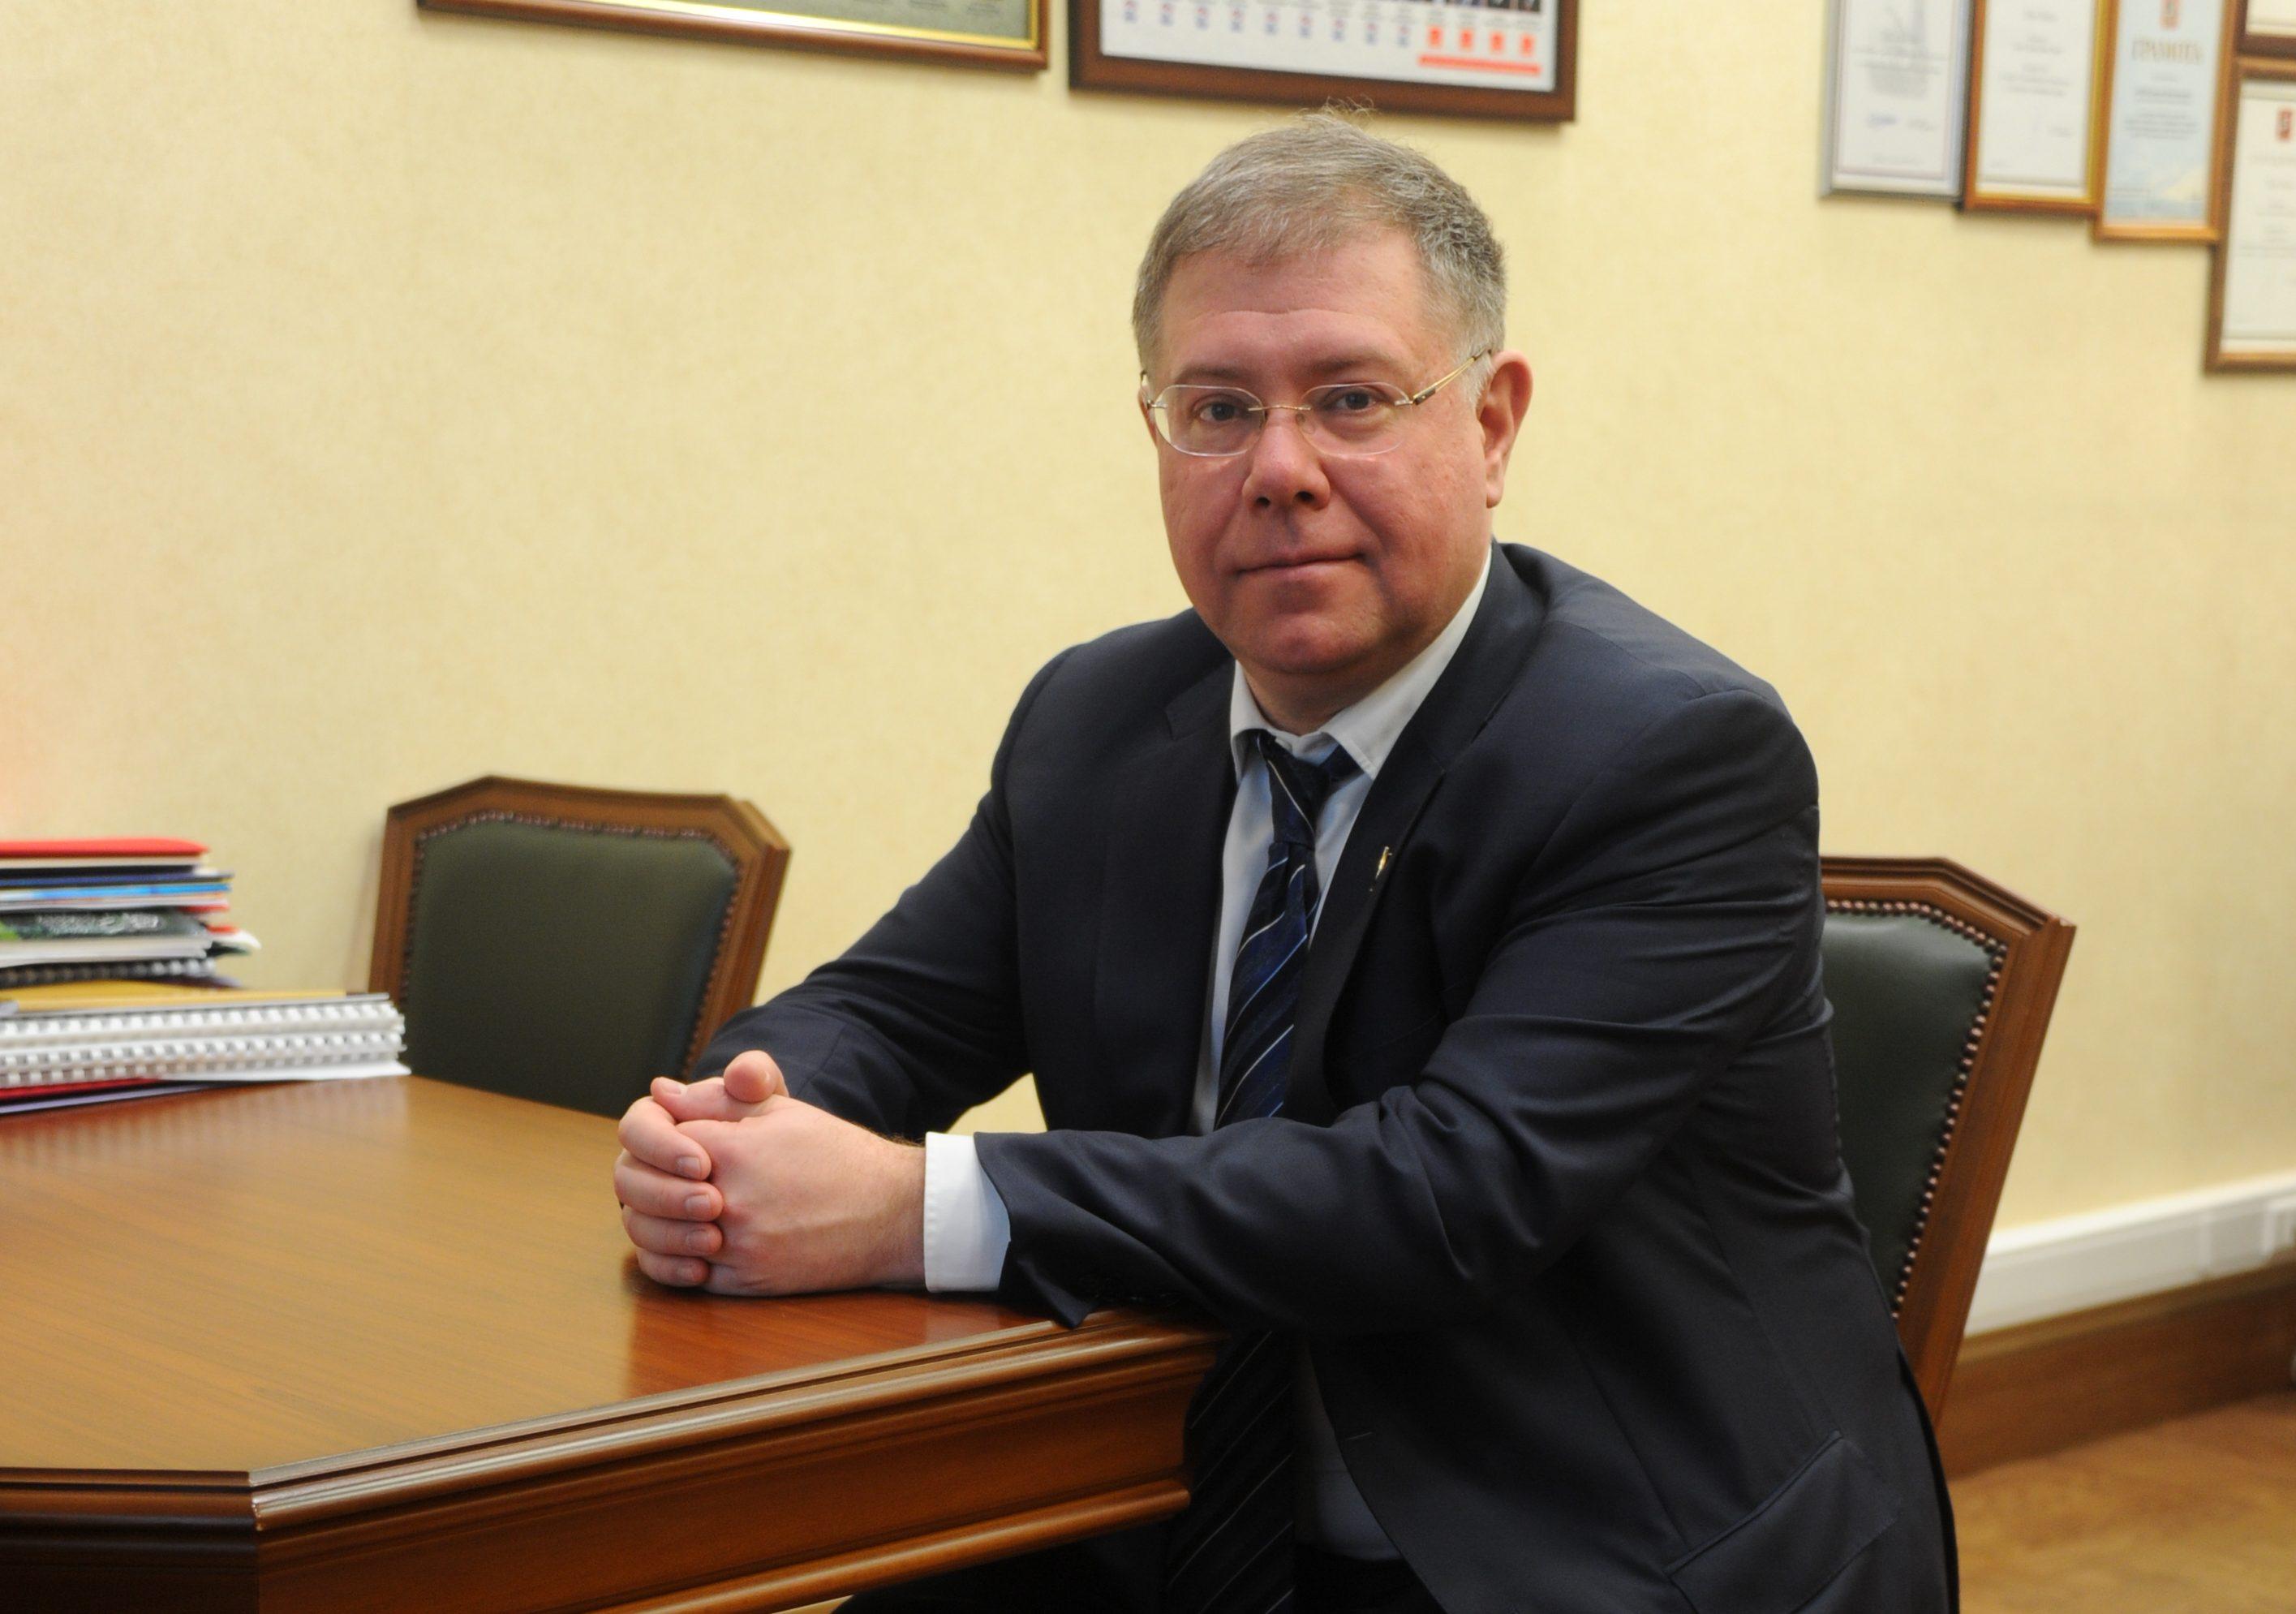 Депутат МГД Орлов напомнил о необходимости утилизации батареек в специальных пунктах сбора